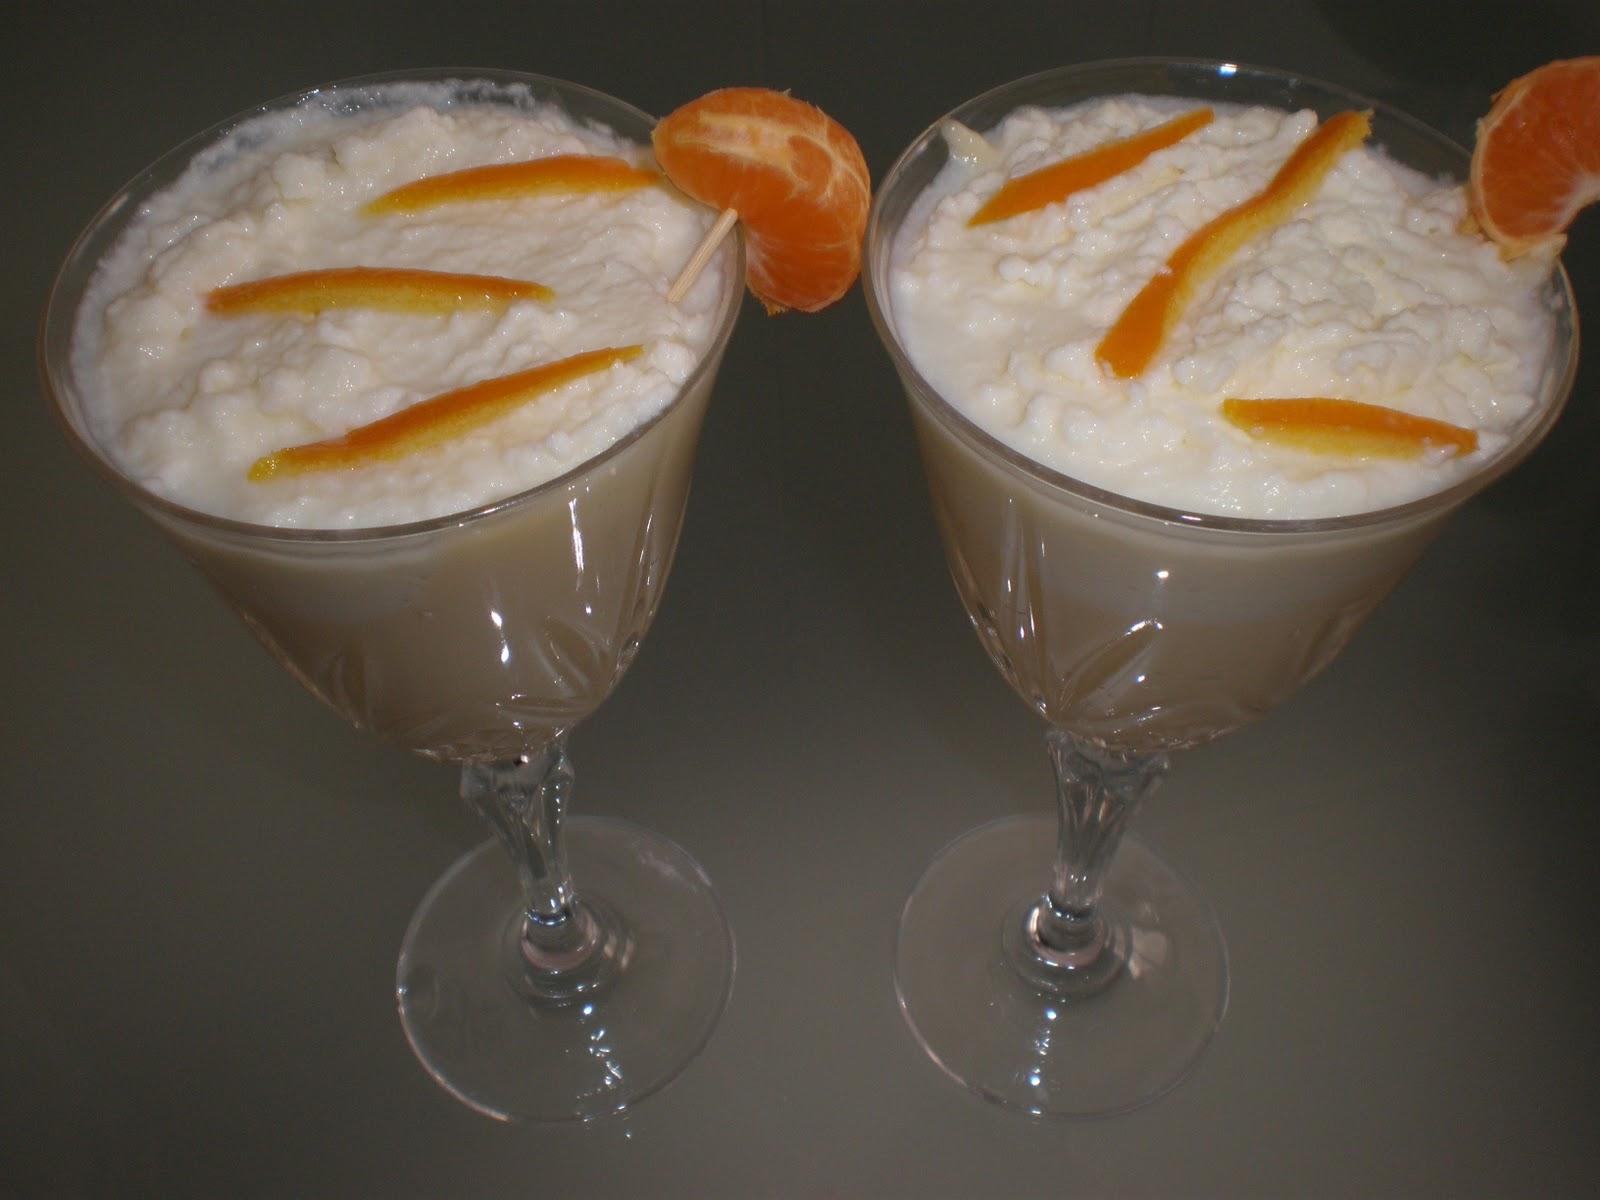 Espuma de lim n y naranja cocina - Espuma de limon ...